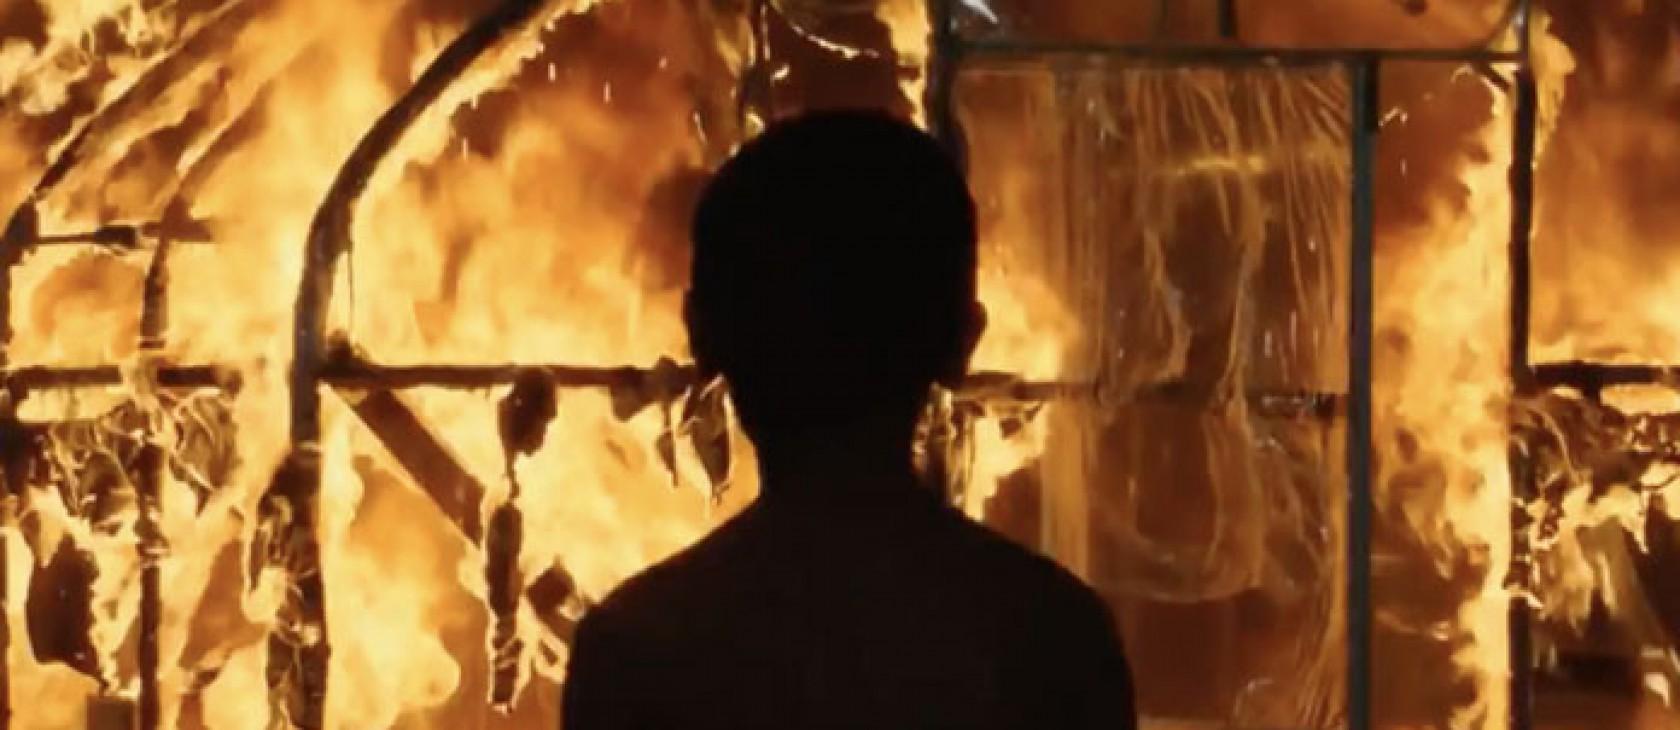 Fuego, camina conmigo.